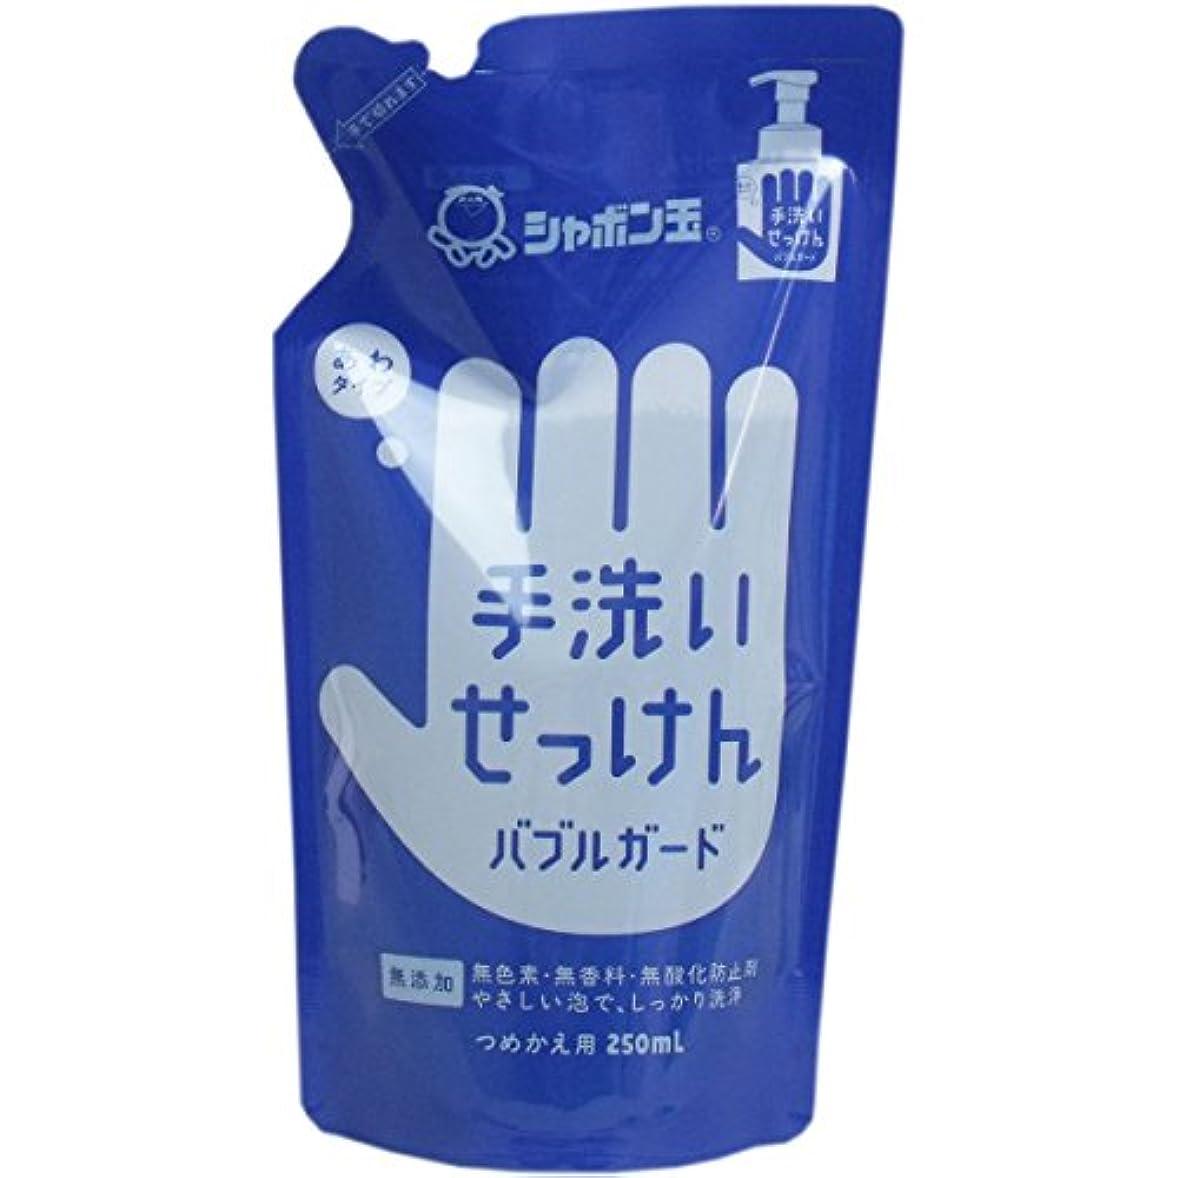 走る歯科医シンジケート[シャボン玉石けん 1602809] (ケア商品)手洗いせっけん バブルガード 泡タイプ つめかえ用 250ml